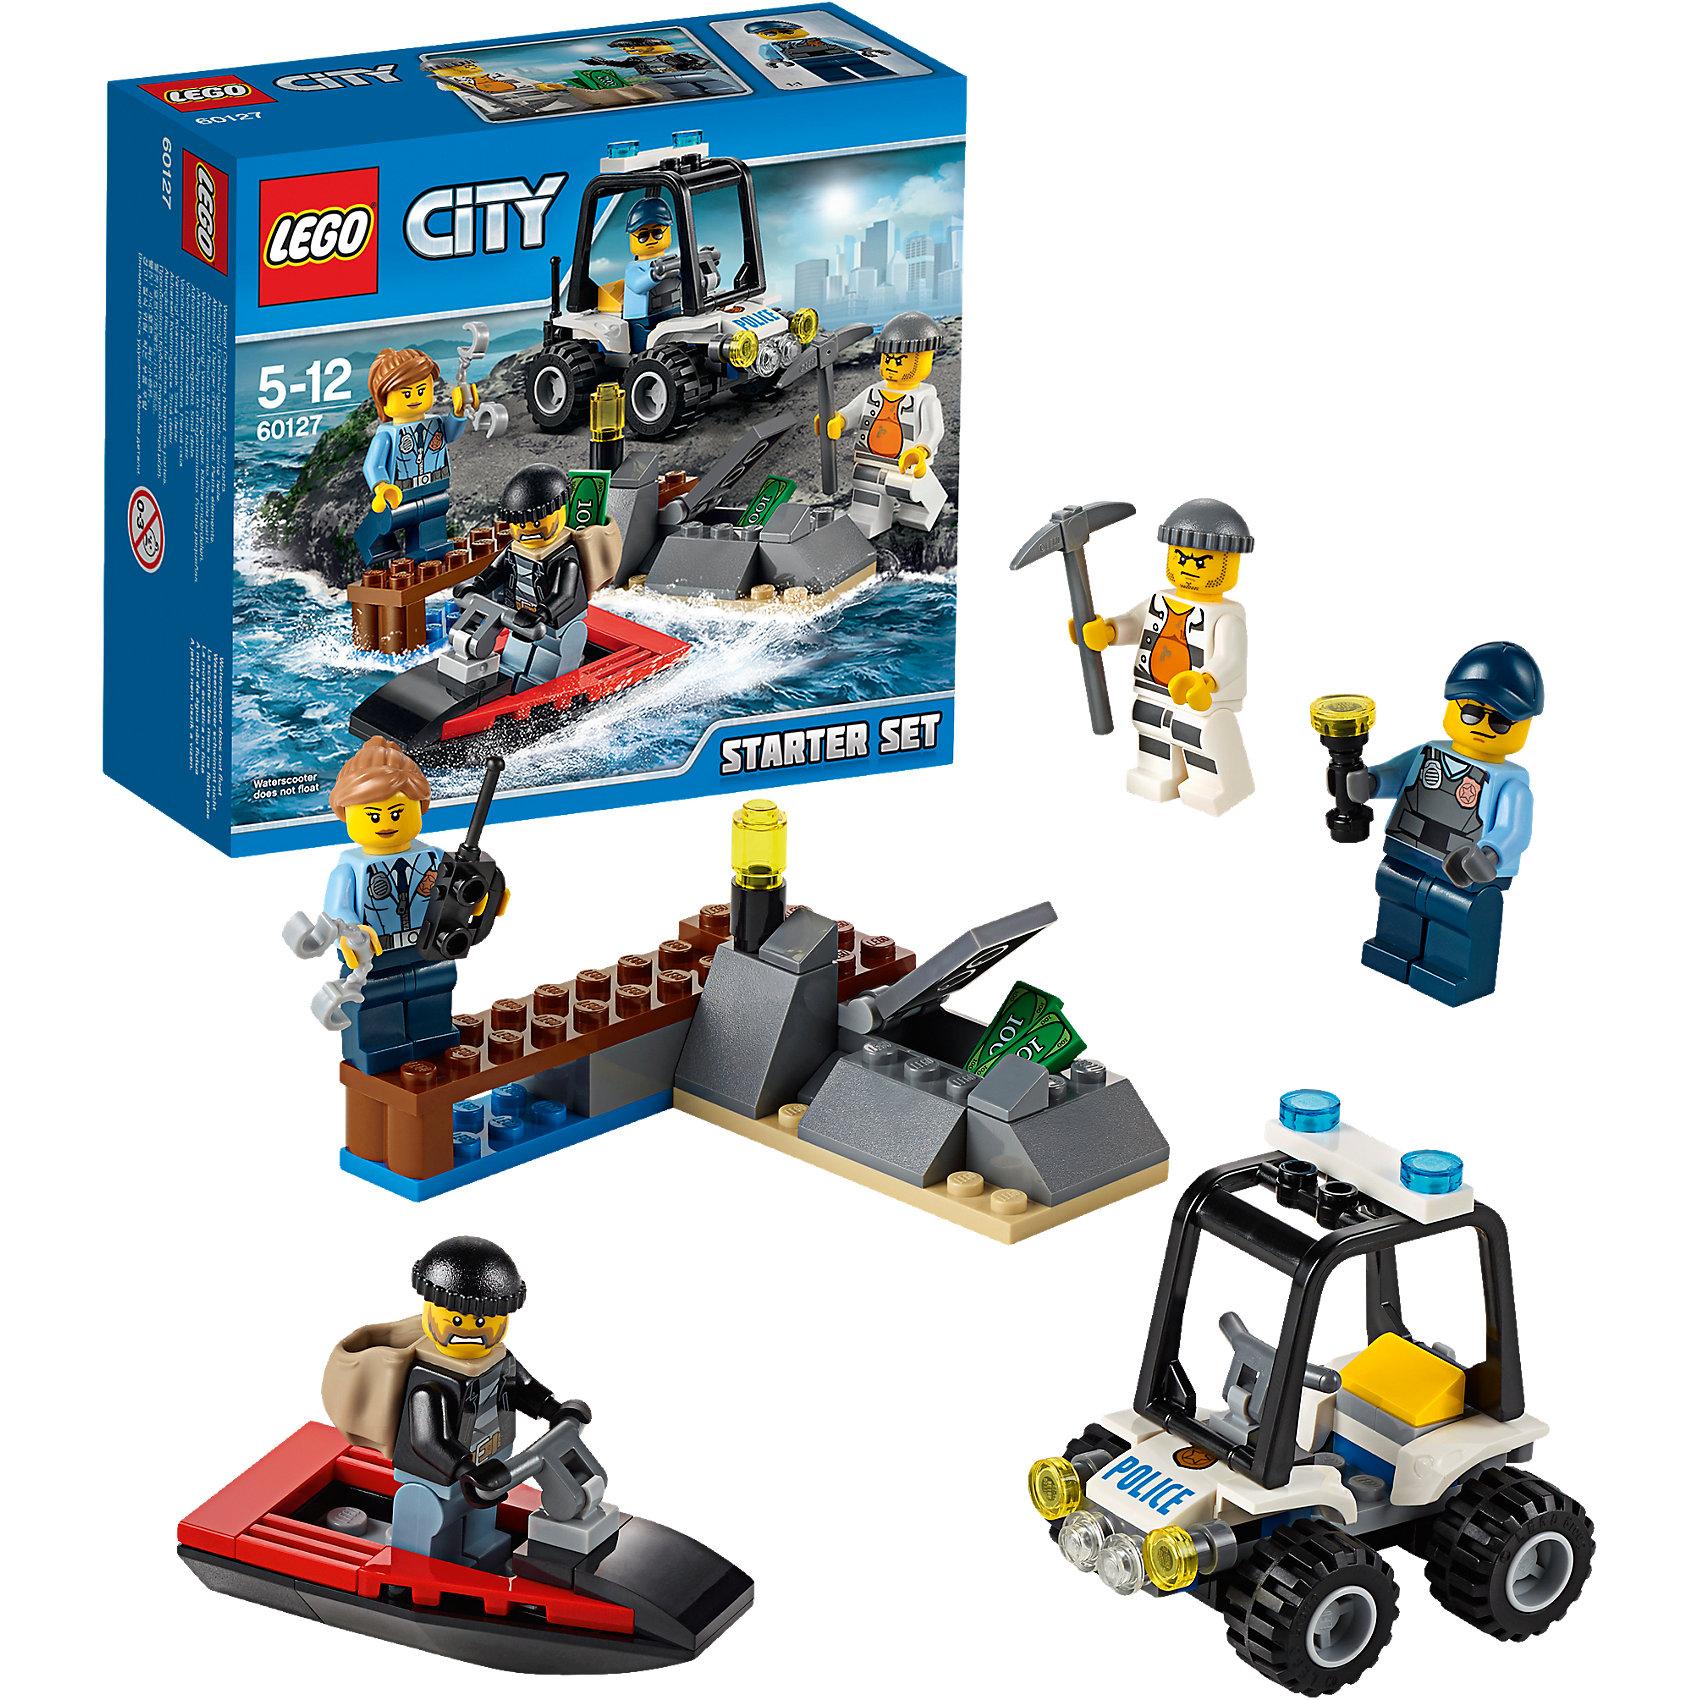 LEGO City 60127: Набор для начинающих «Остров-тюрьма»Конструктор LEGO City (ЛЕГО Сити) 60127: Набор для начинающих Остров-тюрьма подарит Вашему ребенку новые веселые приключения и расширит игровые возможности. На острове-тюрьме совершил побег опасный преступник. Он прихватил с собой мешок с награбленным и вместе со своим напарником пытается скрыться на красном скутере. В погоню за ними отправляются двое отважных полицейских на своем мощном внедорожнике. Набор отличается простотой сборки и прекрасно подходит для начинающих. Вы легко сможете построить красный скутер, деревянный пирс с открывающимся тайником и полицейский багги с просторной кабиной с рулем, рифлёными шинами, сигнальными огнями и круглыми фарами. В комплект также входят различные игровые аксессуары и четыре минифигурки - два полицейских и два преступника.<br><br>Серия конструкторов  LEGO City позволяет почувствовать себя инженером и архитектором, строителем или мэром города. Вы можете создавать свой город мечты, развивать городскую инфраструктуру, строить дороги и здания, управлять городским хозяйством и следить за порядком. В игровых наборах с разнообразными сюжетами много интересных персонажей, оригинальных объектов и городской техники. Это уникальная возможность для ребенка развивать фантазию и логическое мышление, узнавать и осваивать разные профессии.<br><br>Дополнительная информация:<br><br>- Игра с конструктором LEGO (ЛЕГО) развивает мелкую моторику ребенка, фантазию и воображение, учит его усидчивости и внимательности.<br>- Количество деталей: 92.<br>- Количество минифигур: 4.<br>- Серия: LEGO City (ЛЕГО Сити).<br>- Материал: пластик.<br>- Размер упаковки: 16 х 6 х 14,5 см.<br>- Вес: 0,16 кг.<br><br>Конструктор LEGO City (ЛЕГО Сити) 60127: Набор для начинающих Остров-тюрьма можно купить в нашем интернет-магазине.<br><br>Ширина мм: 160<br>Глубина мм: 141<br>Высота мм: 64<br>Вес г: 146<br>Возраст от месяцев: 60<br>Возраст до месяцев: 144<br>Пол: Мужской<br>Возраст: Детский<br>SKU: 4259145